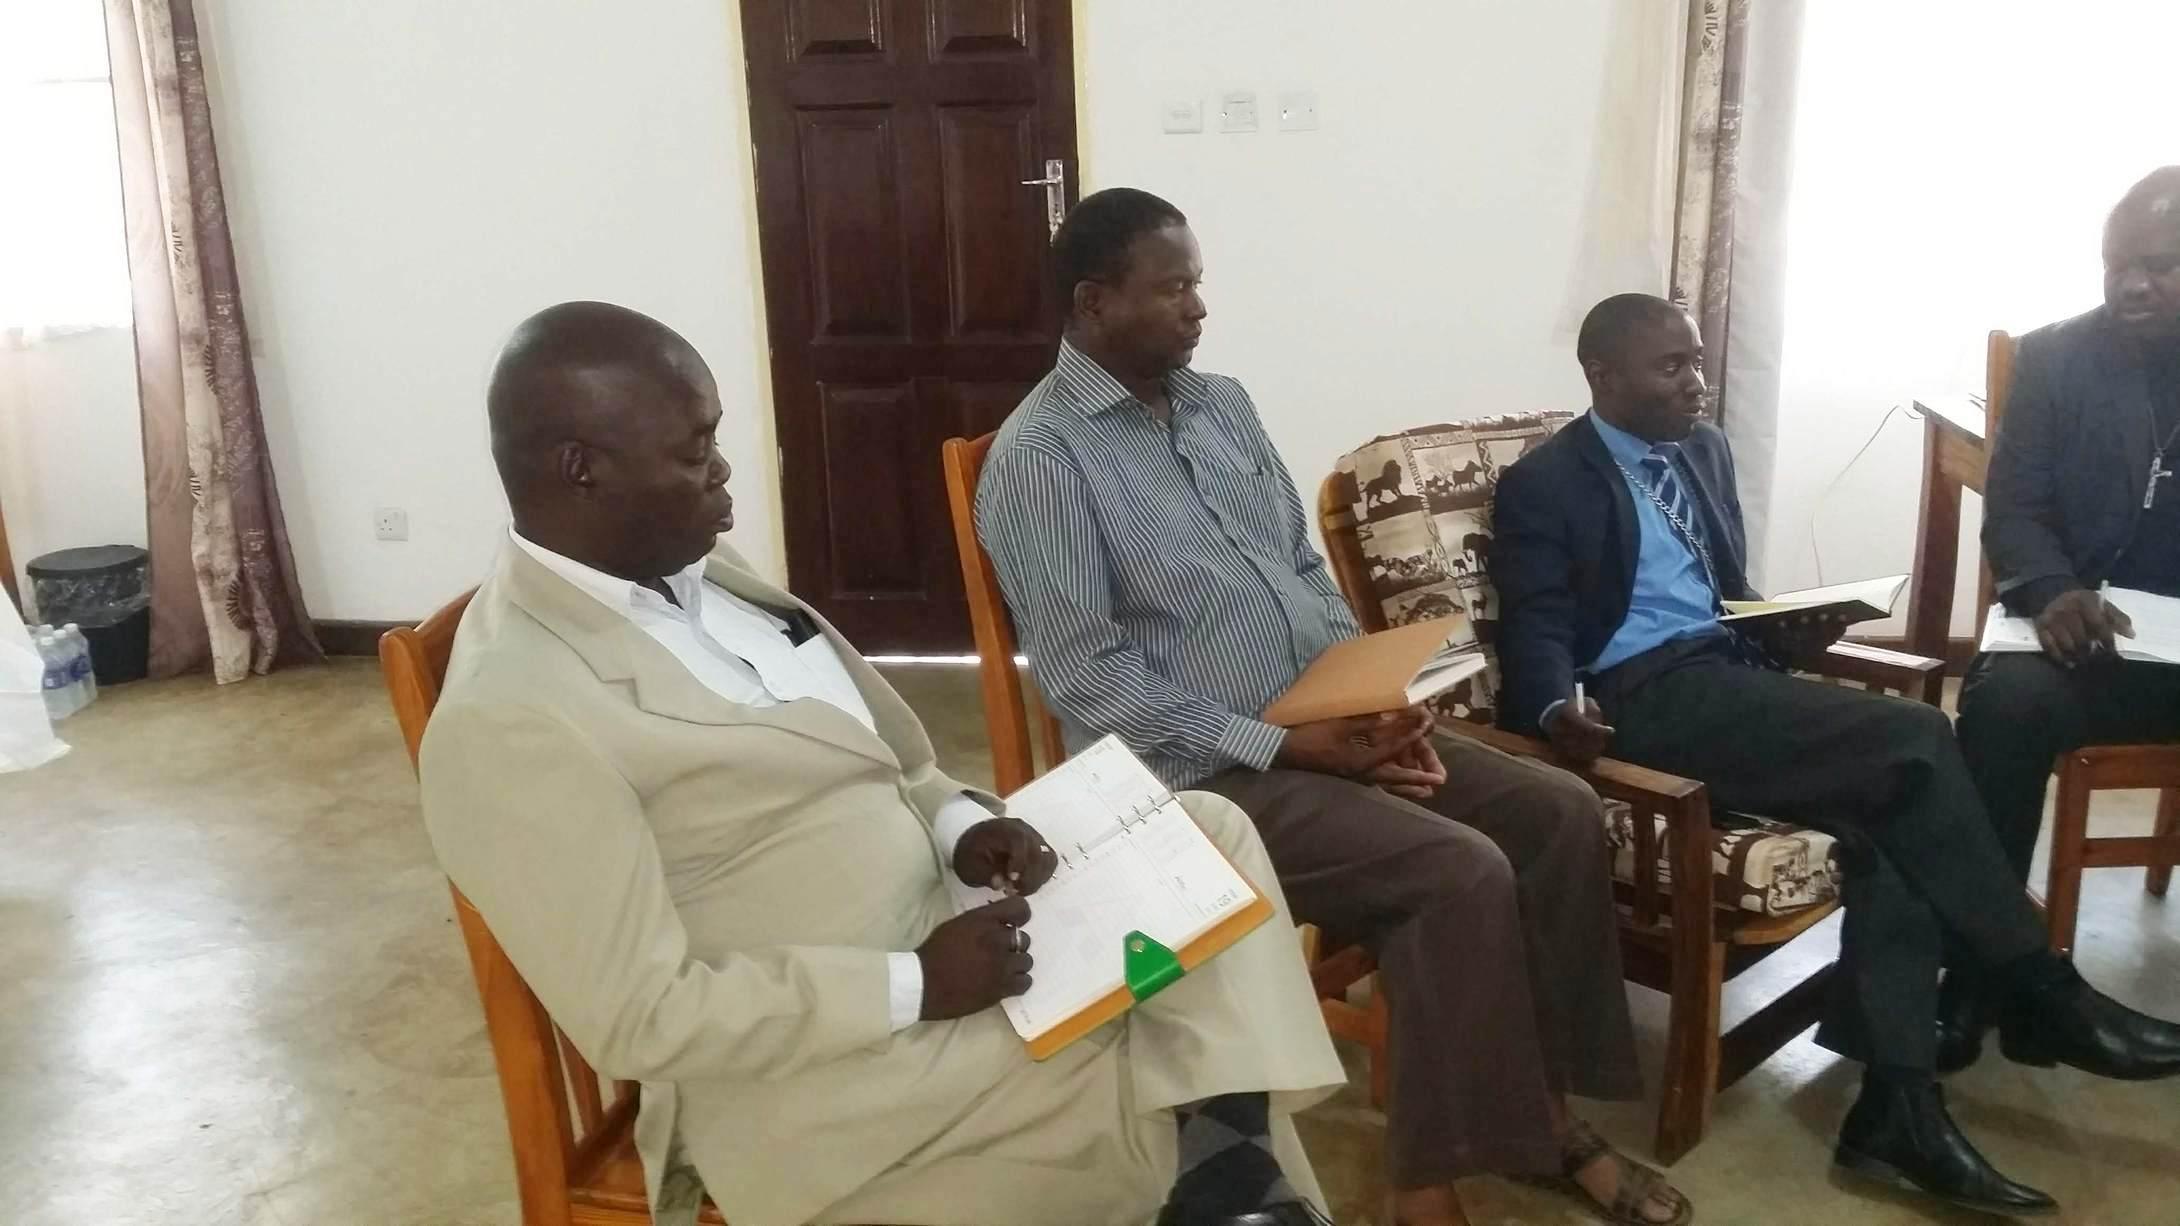 (from left to right): Reverend Daniel Tembo, CCAP's deputy general; Abraham Banda; Reverends Sevatt Kabaghe and Friday Kapasaka.